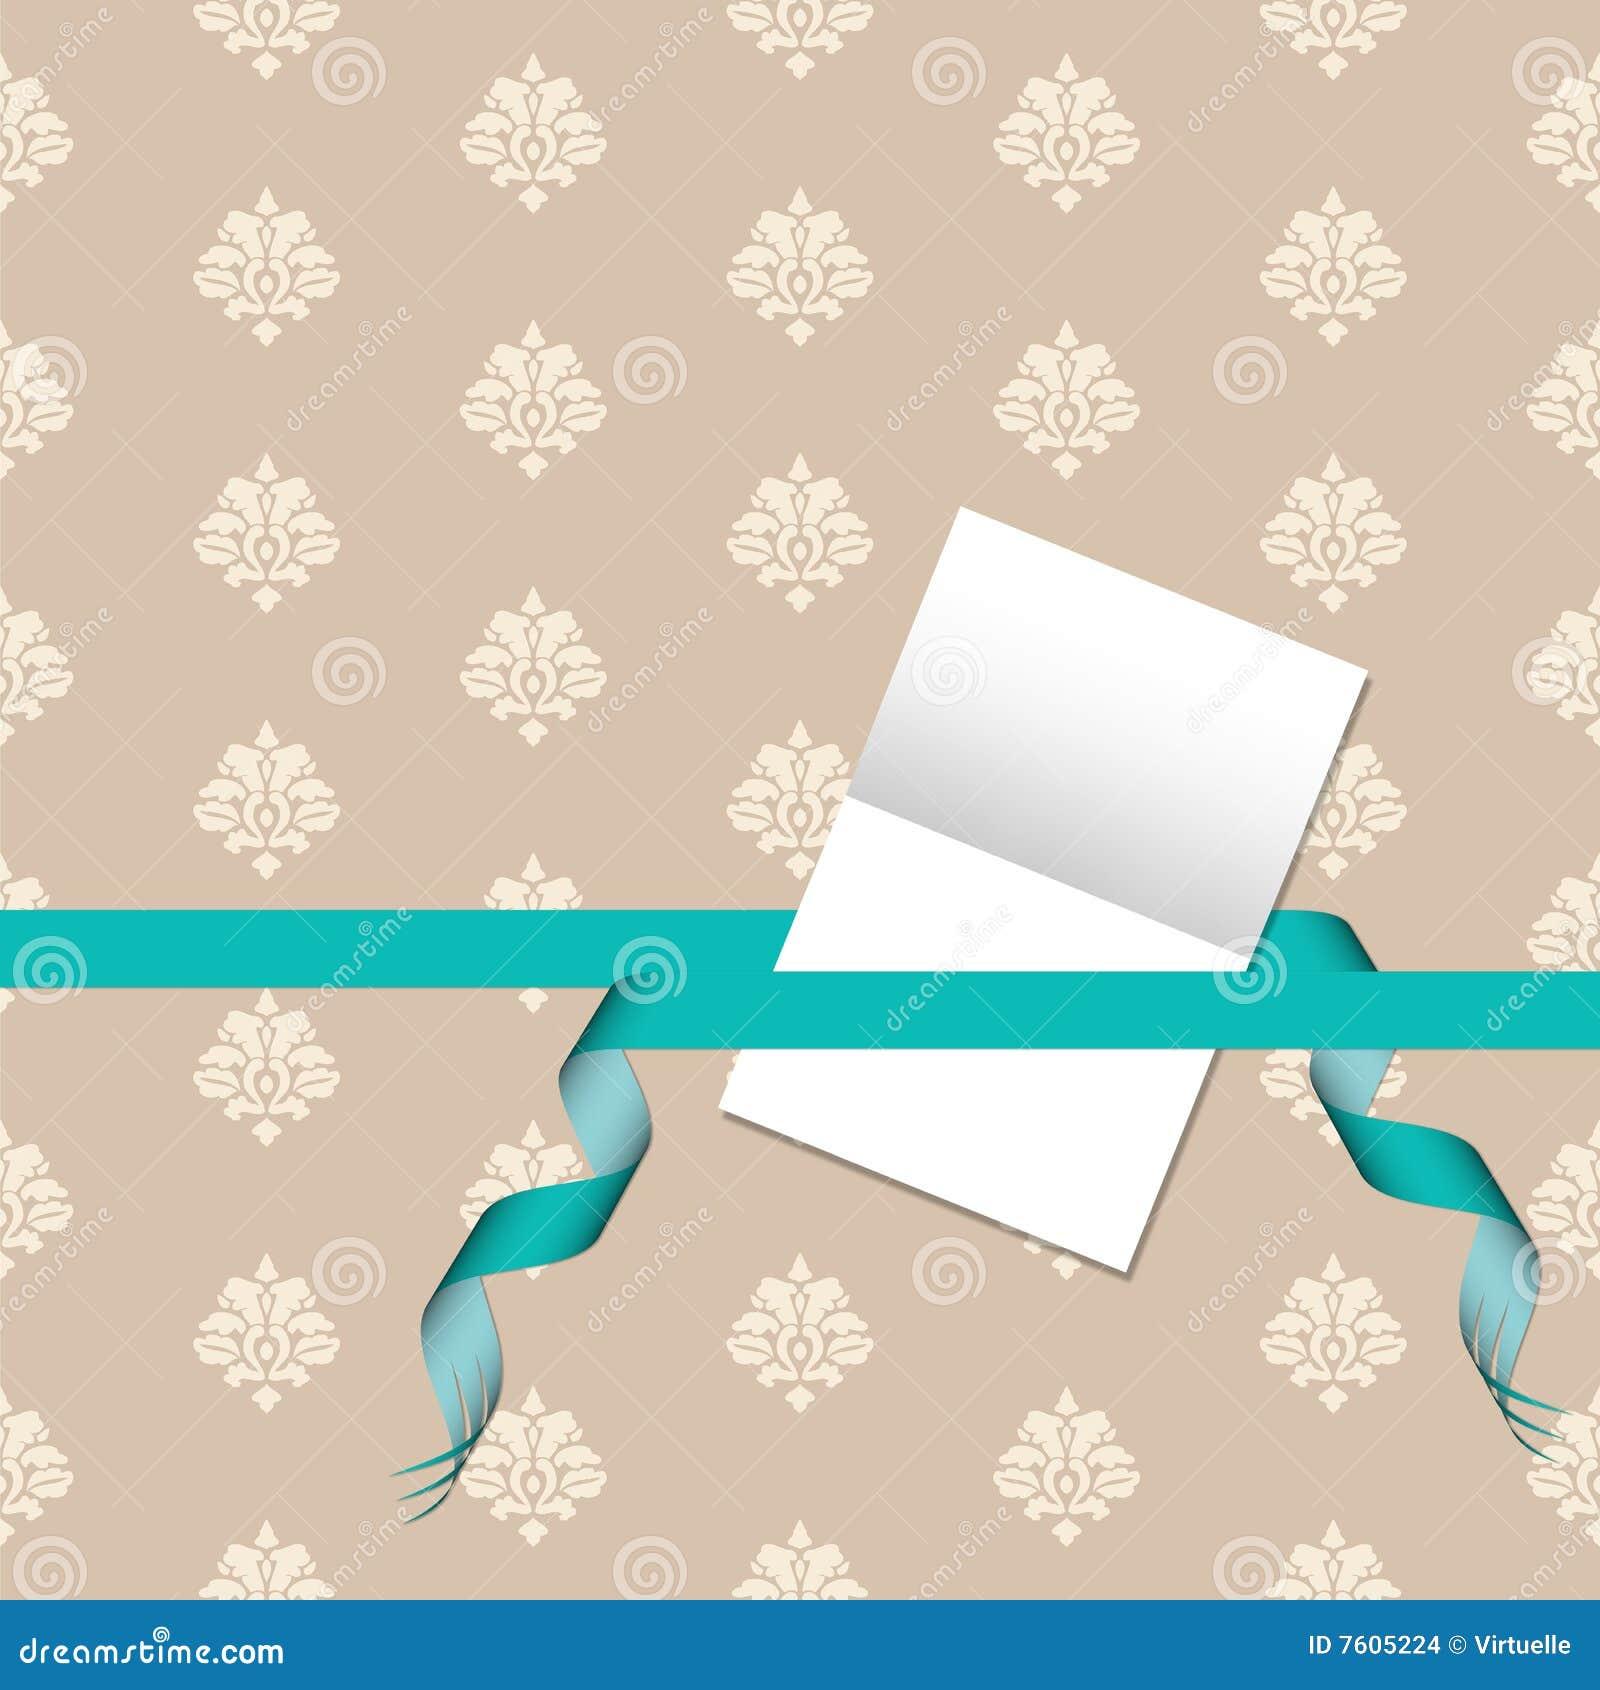 看板卡锦缎礼品绿色模式丝带